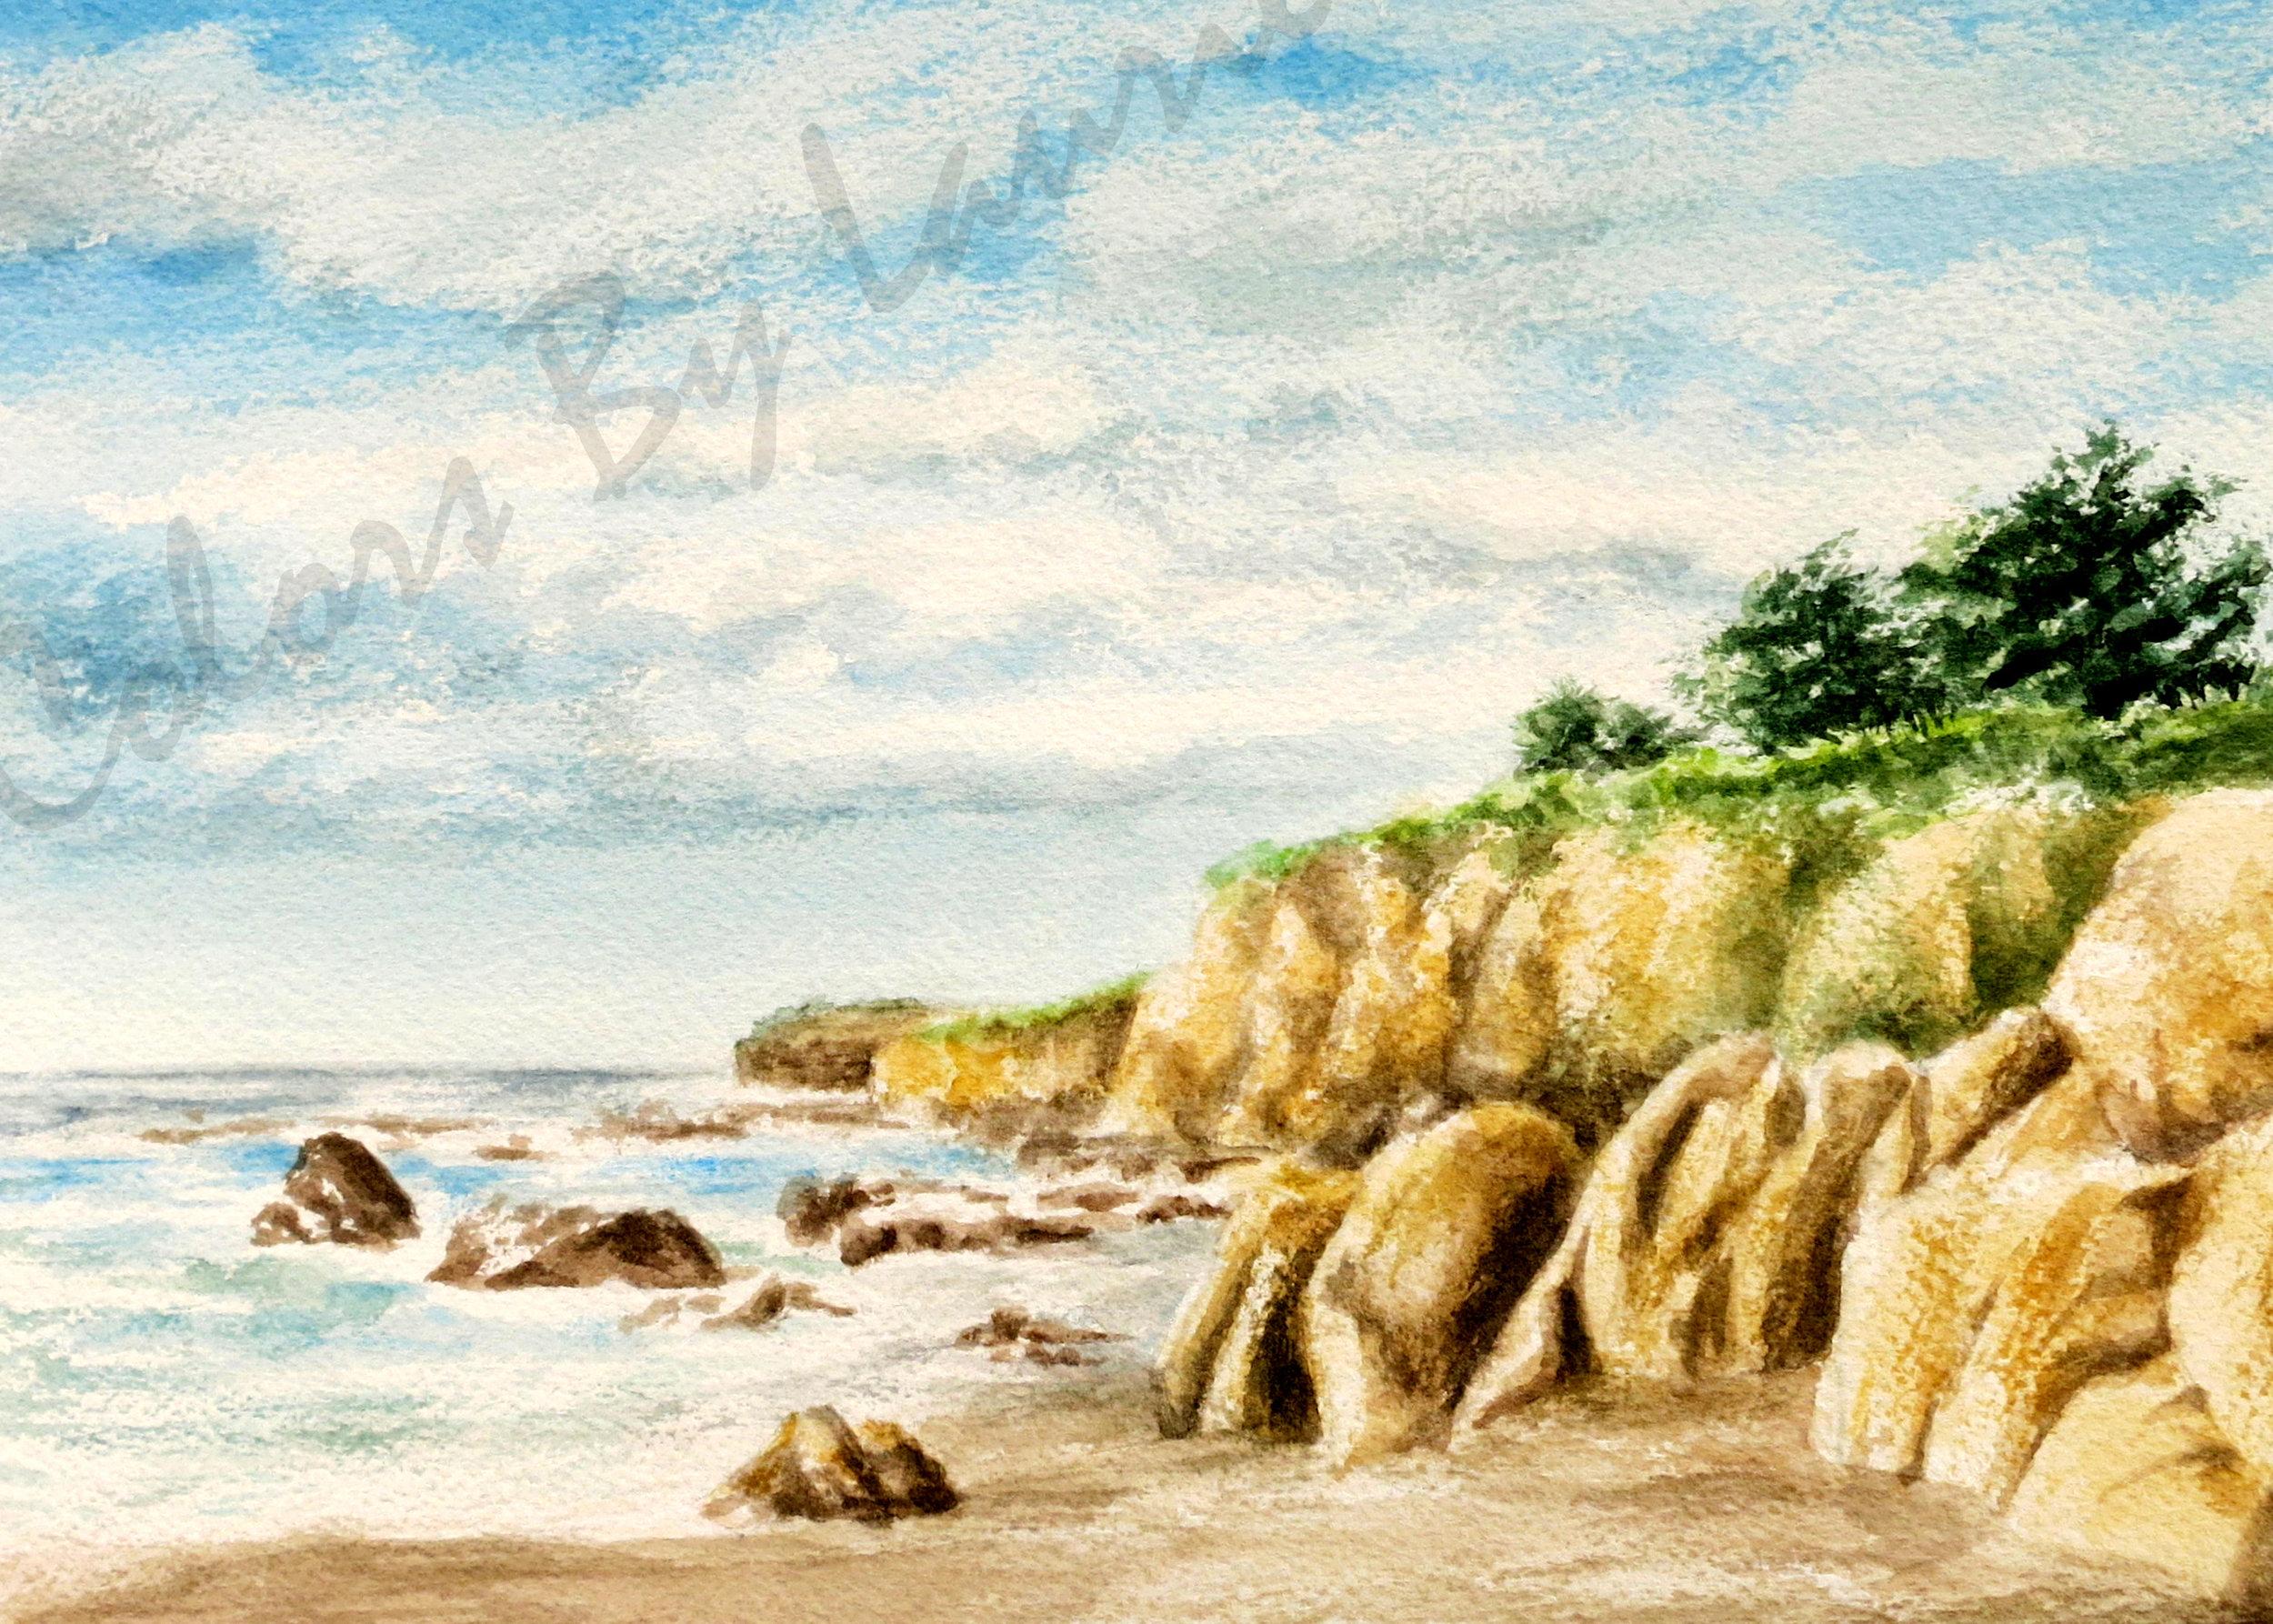 MOONSTONE BEACH - Cambria, CA - SIZE: 5 X 7